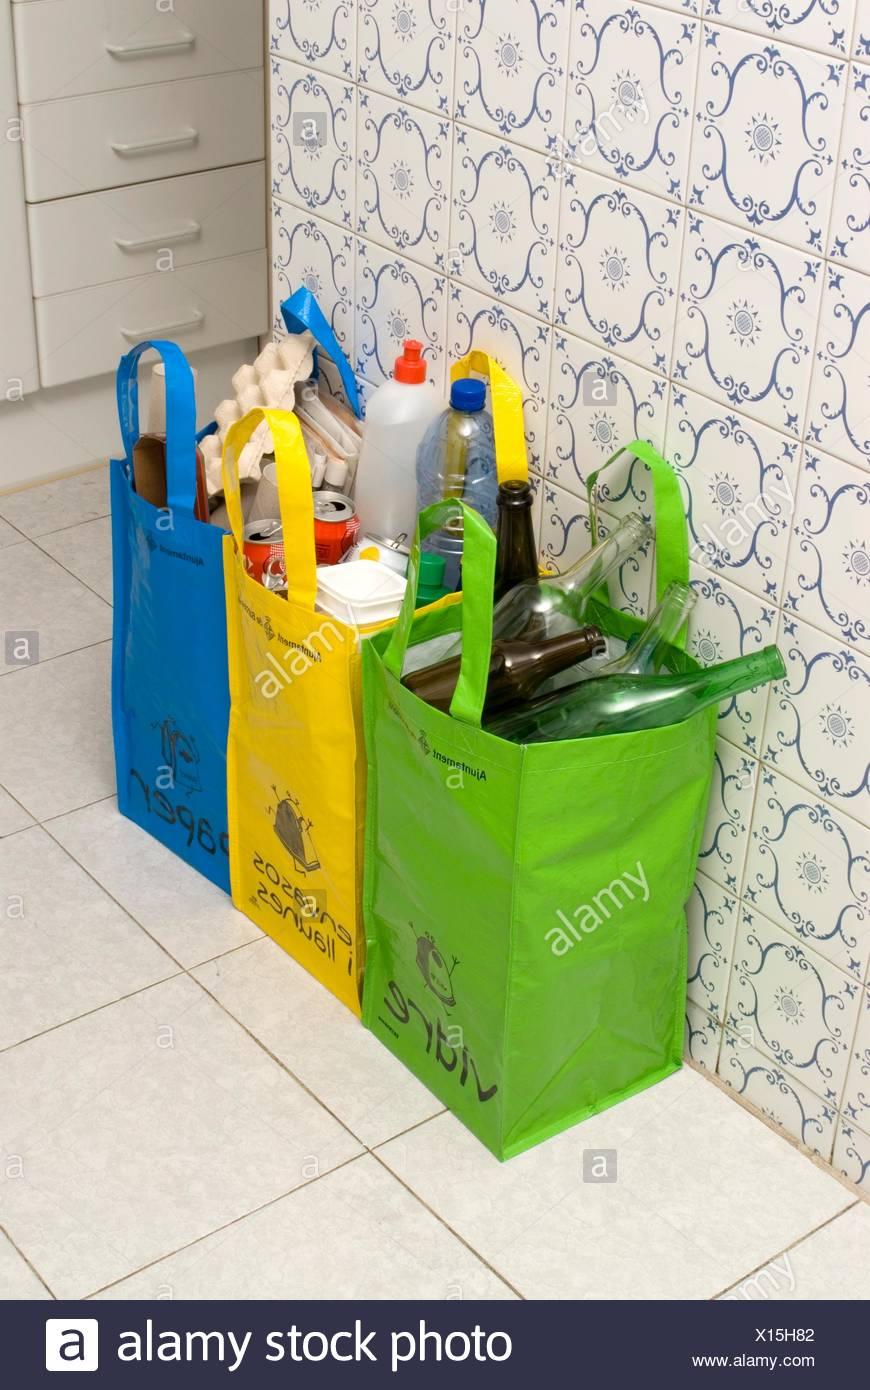 89387dbfa Bolsas de reciclaje de vidrio, plástico y papel en una cocina amueblada por  el Ajuntament de Barcelona